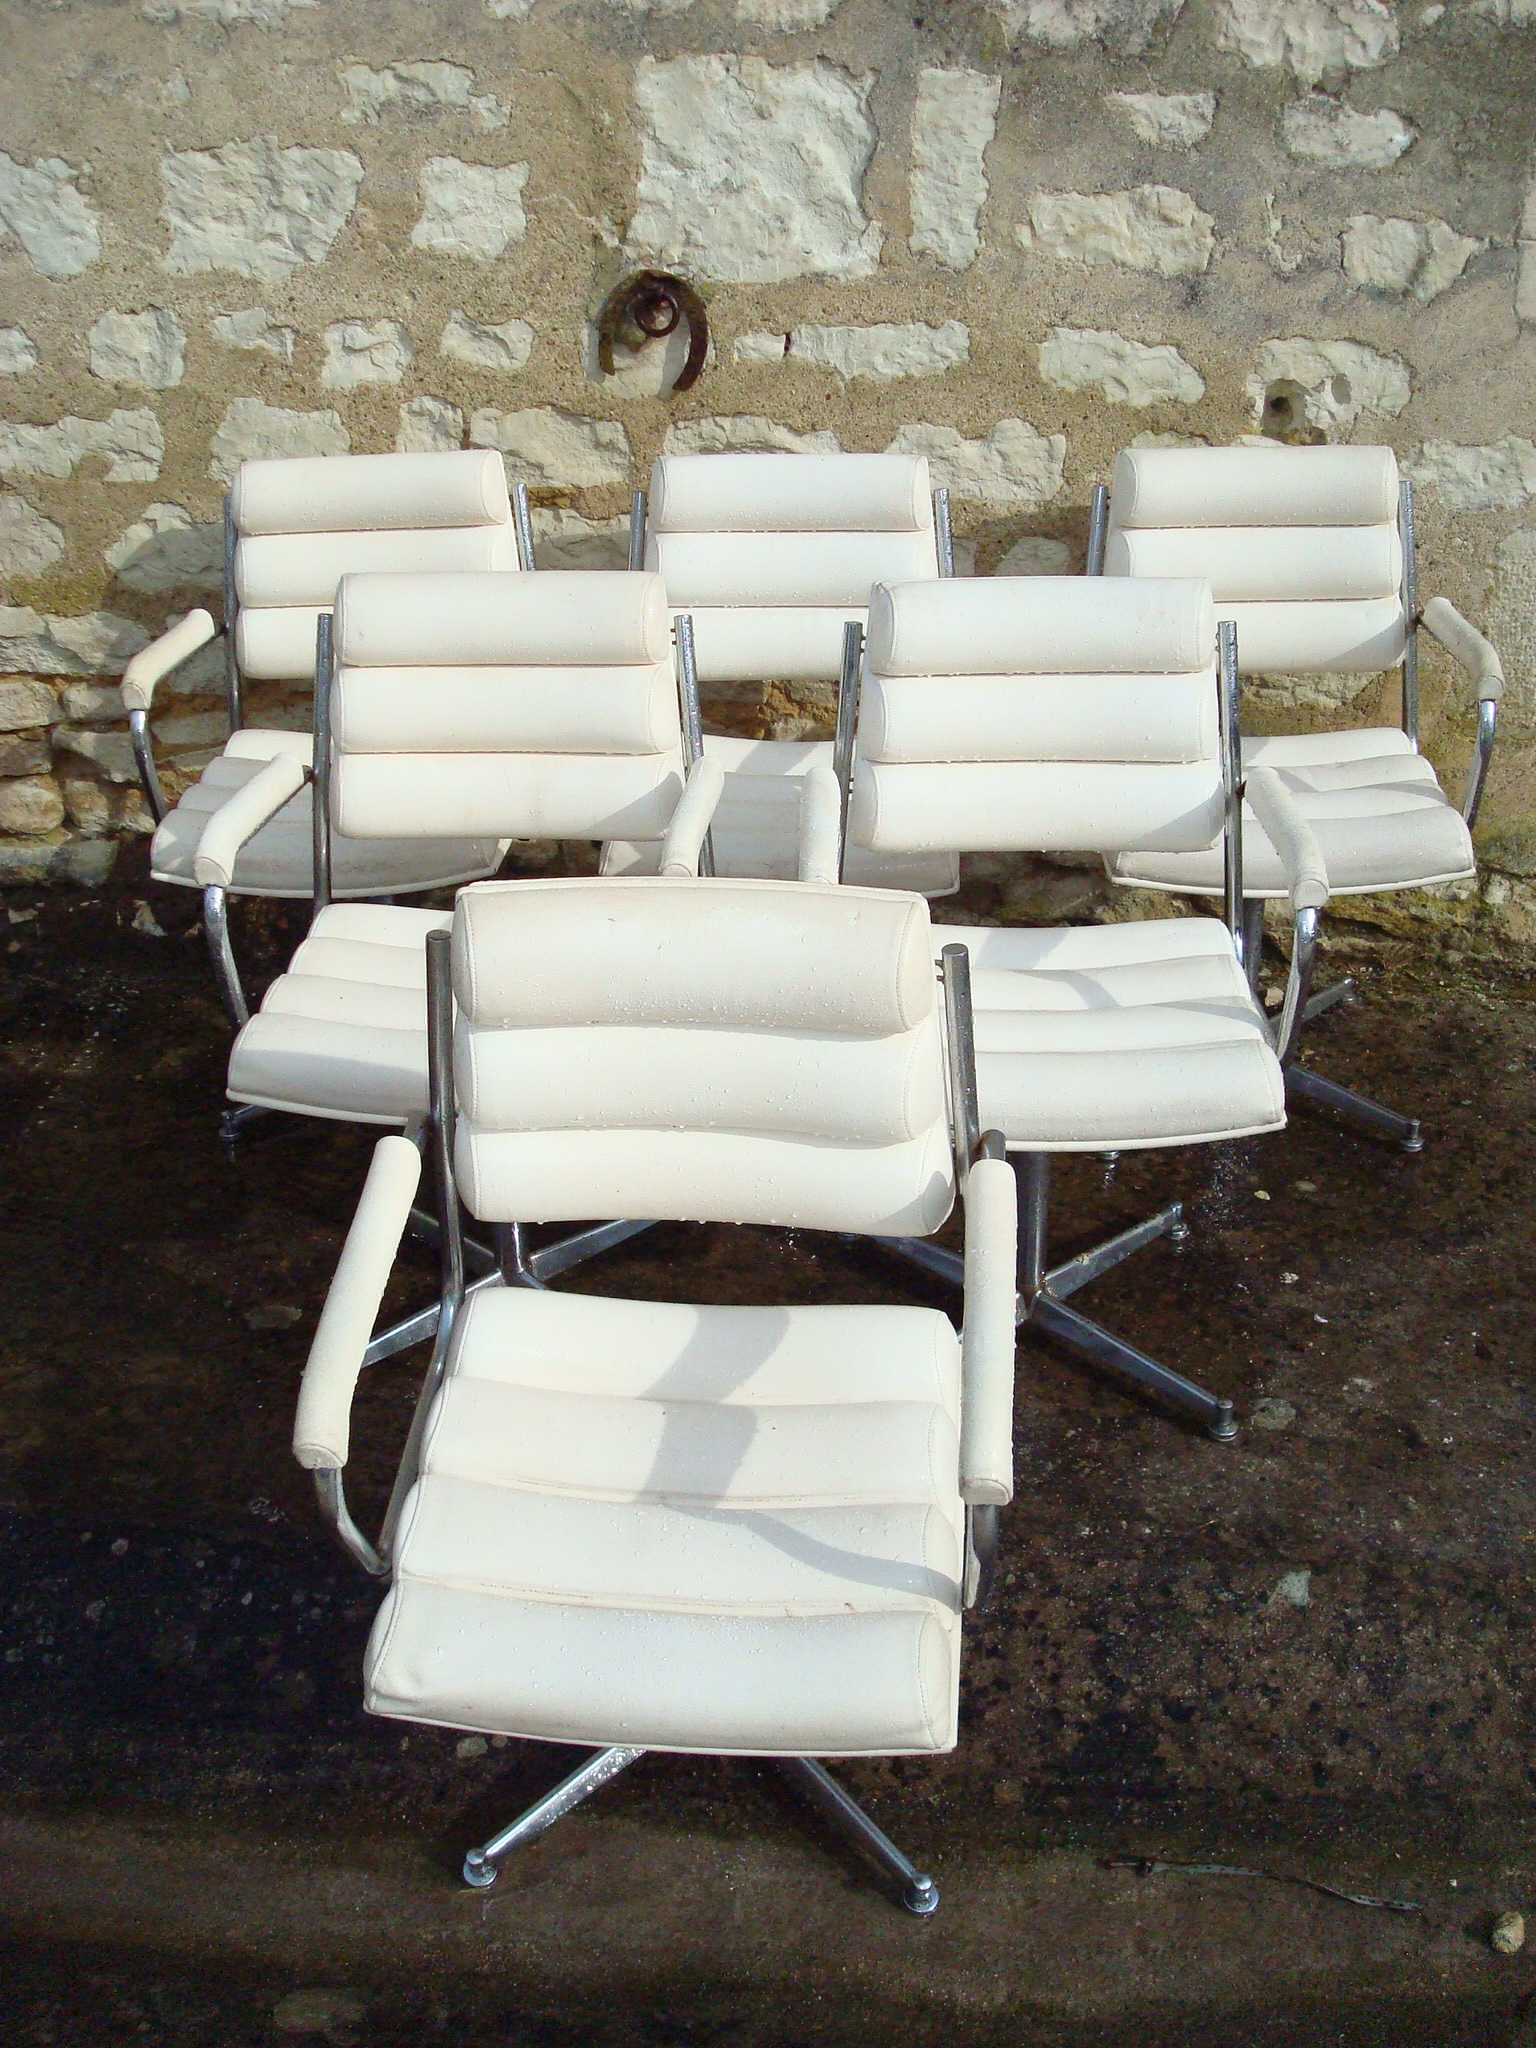 Fauteuils ann e 80 salon de coiffure de brics et de brocs - Fauteuil dans un salon de coiffure pour dames ...